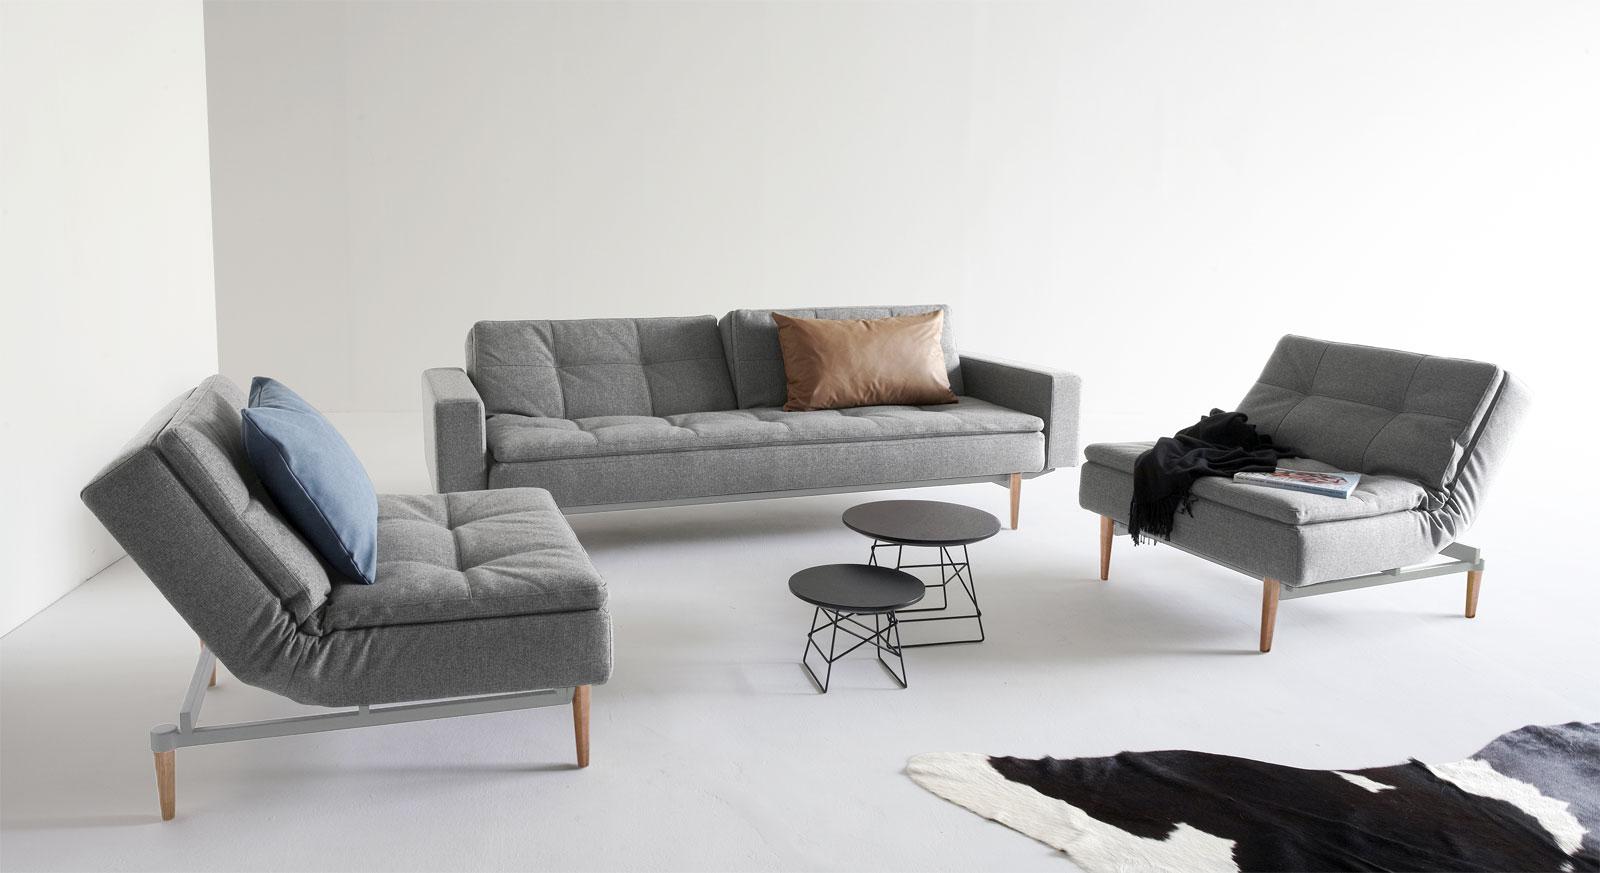 Schlafsofa und Sessel Carol in anspruchvollem Design